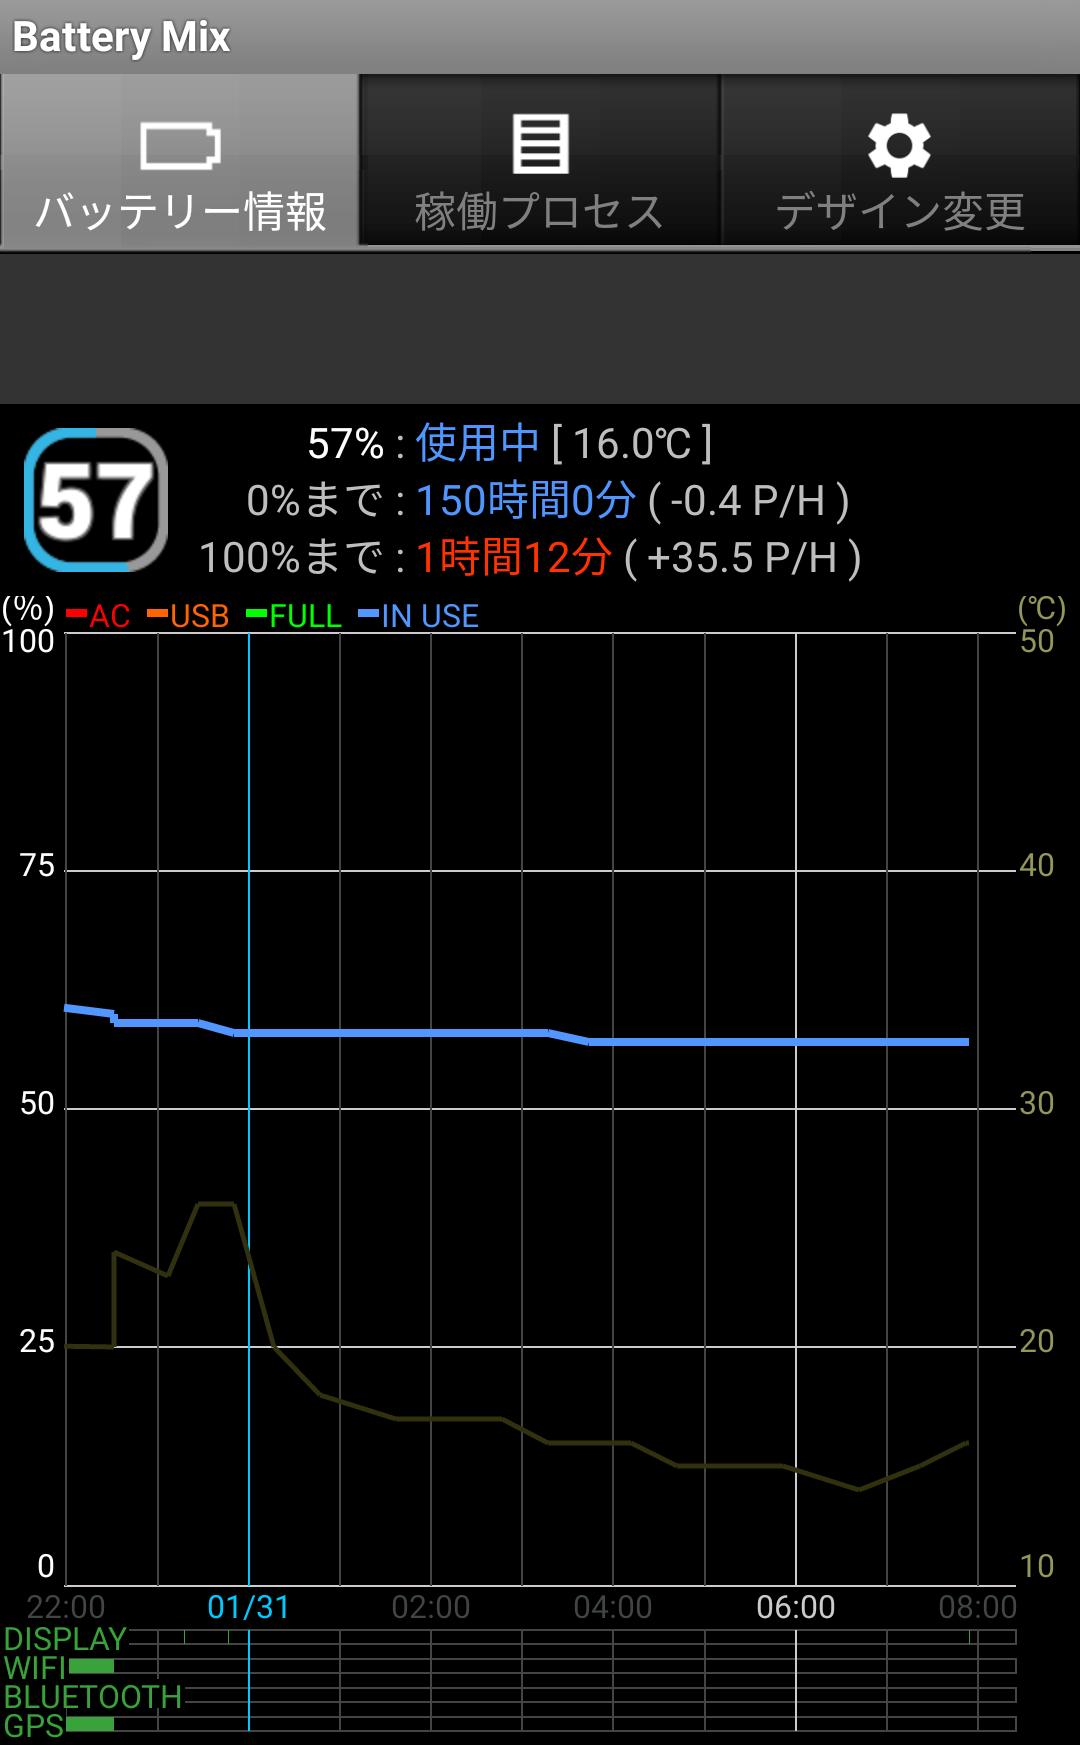 マナーモード時のバッテリーの減り方